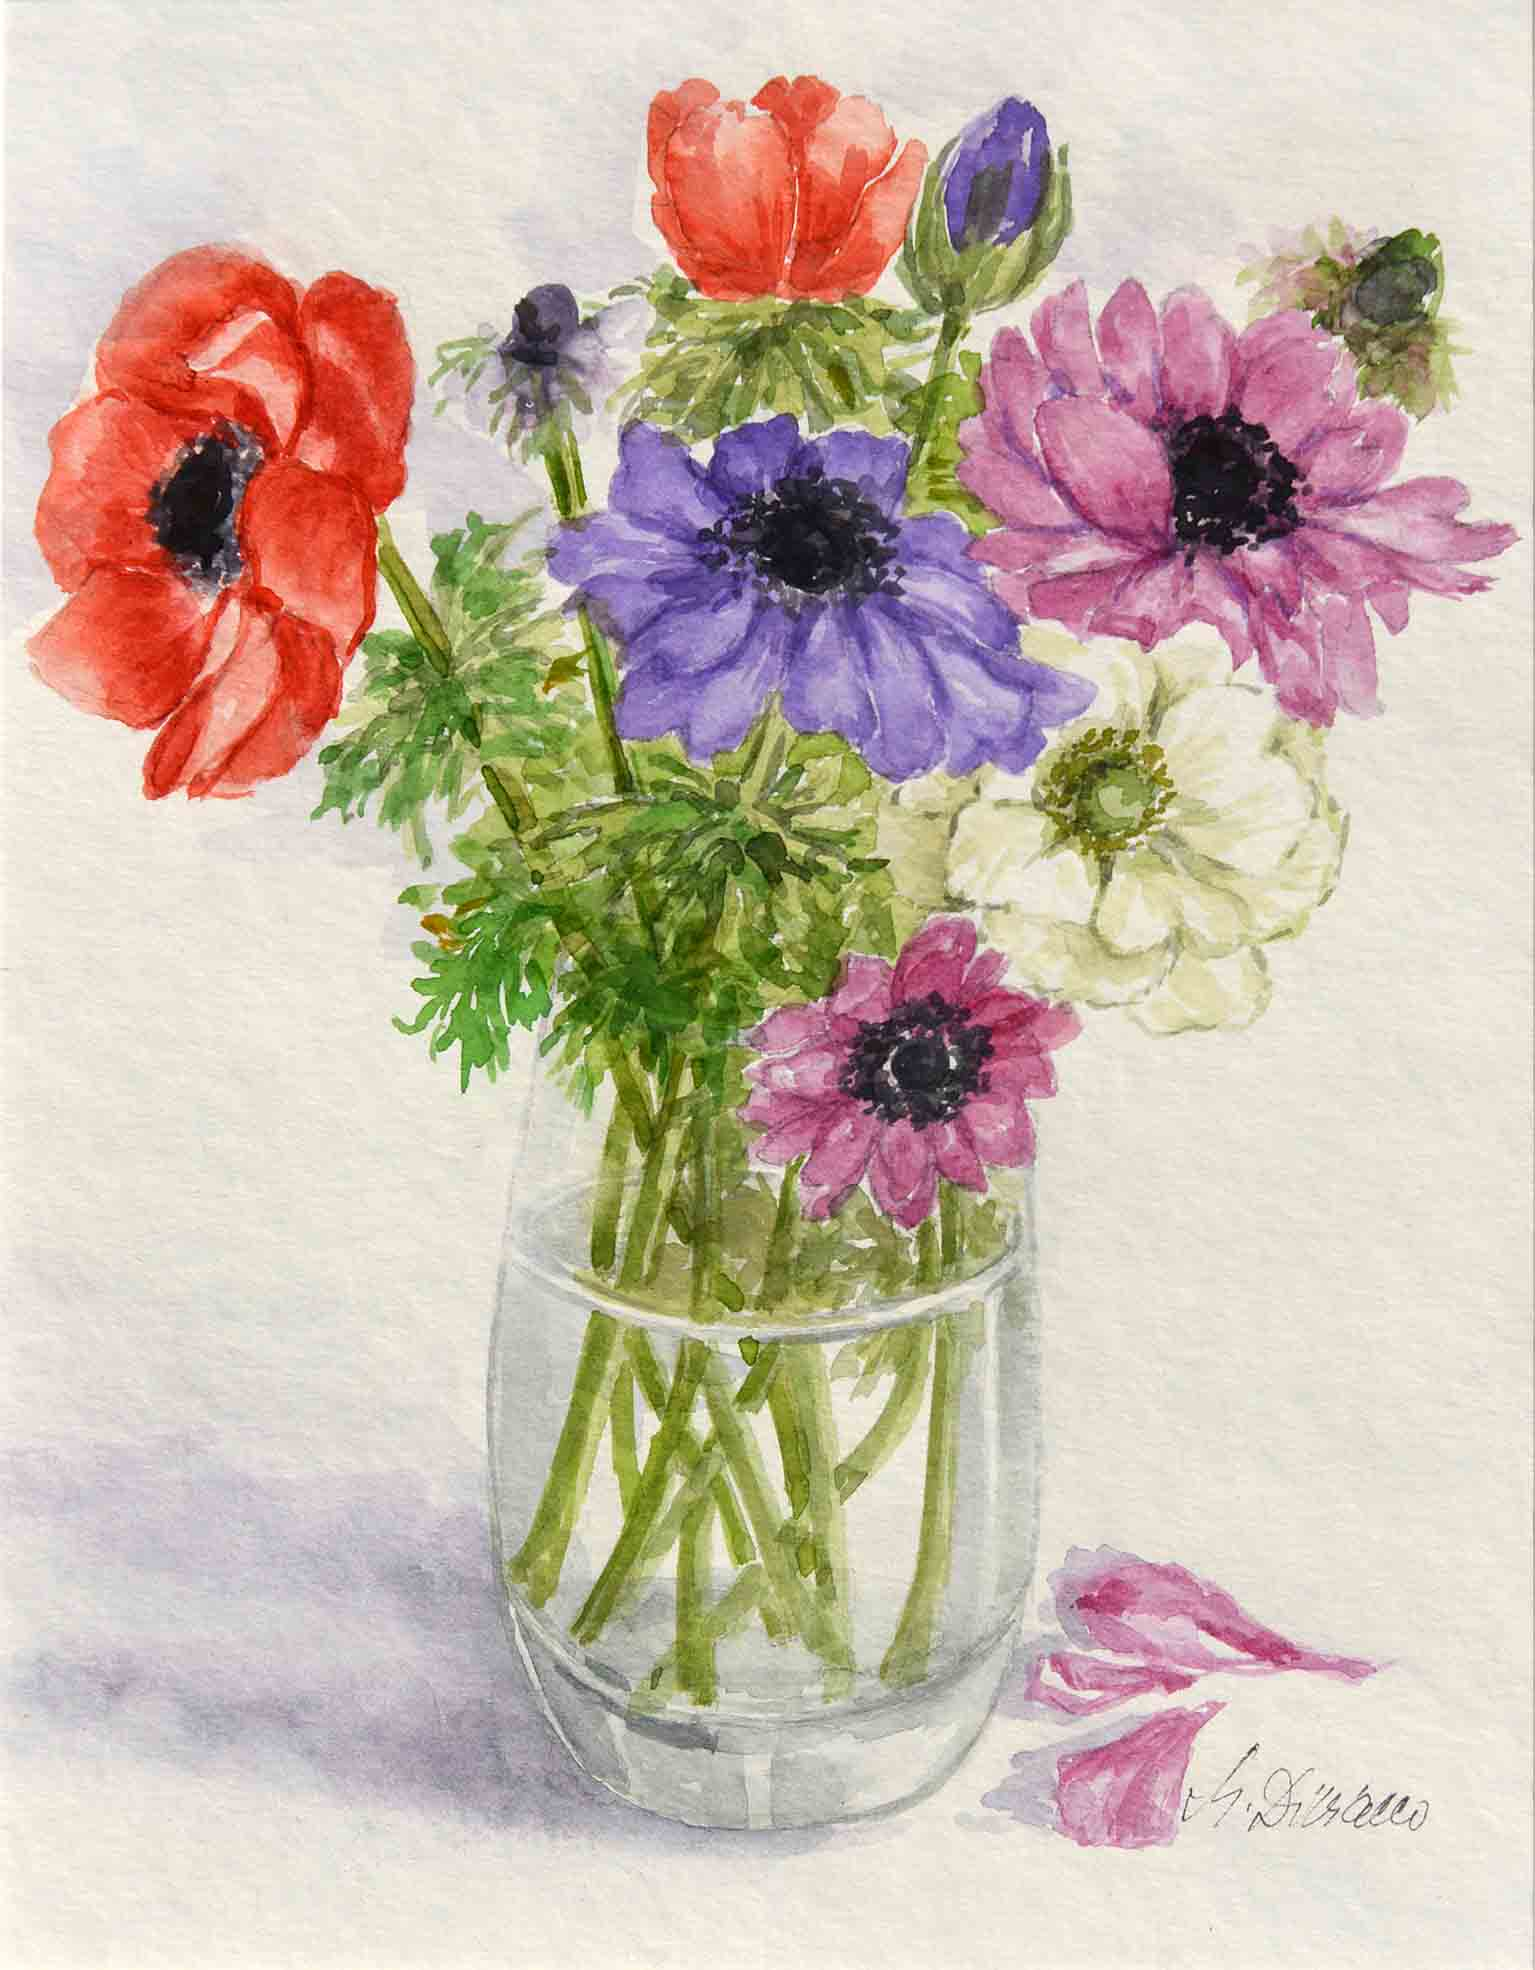 Primavera - acquerello cm 29x22